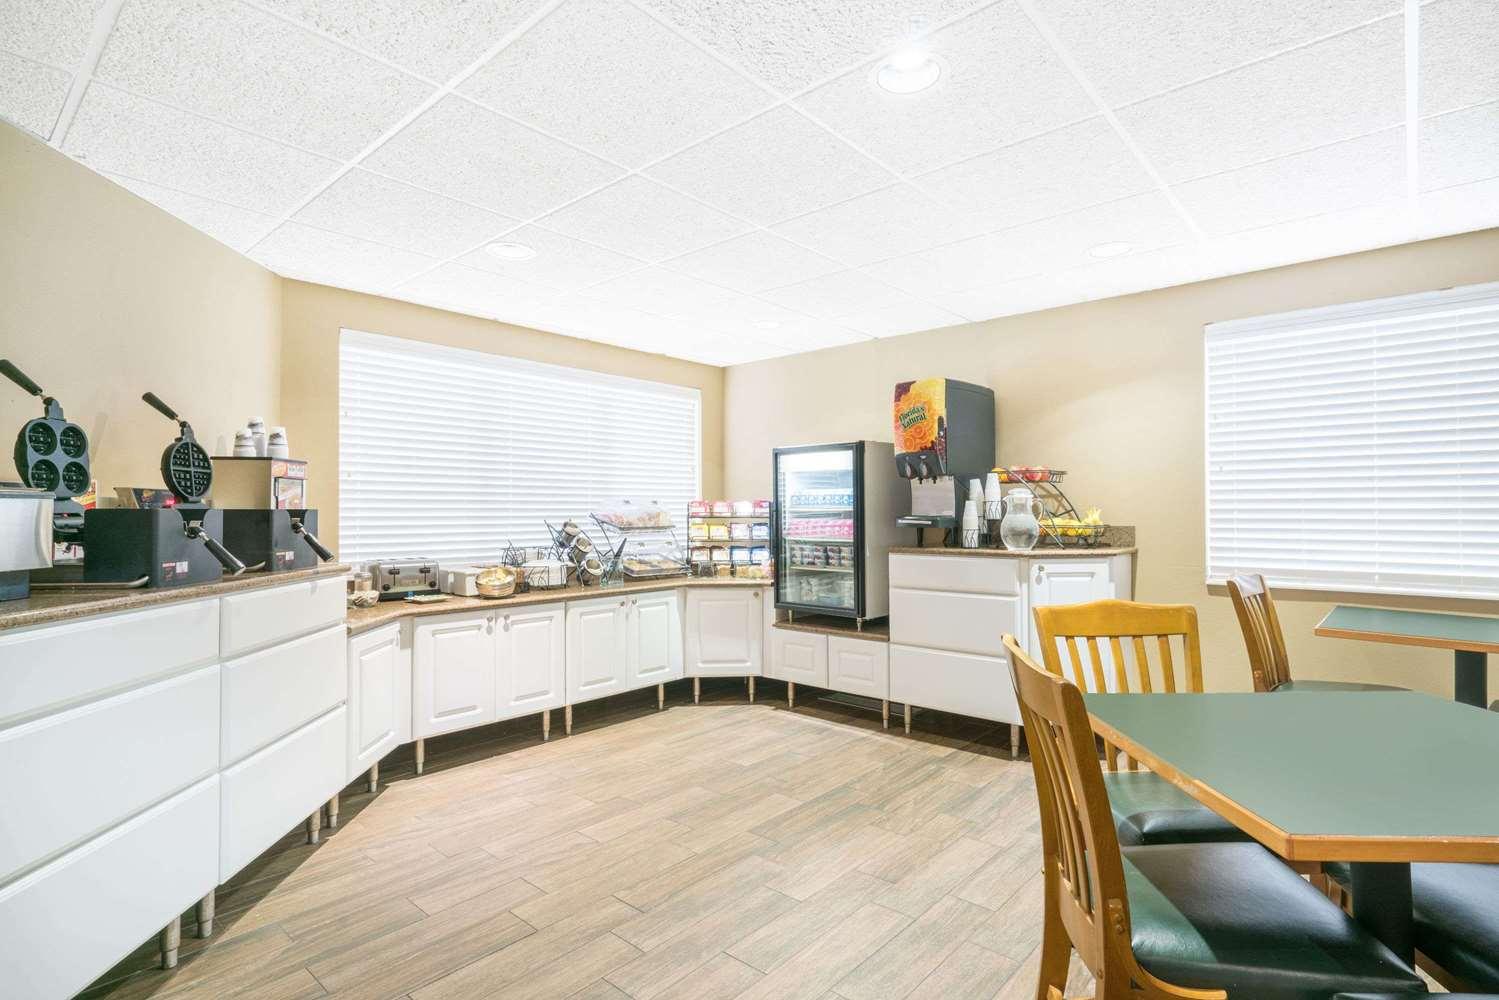 proam - Baymont Inn & Suites Baxter